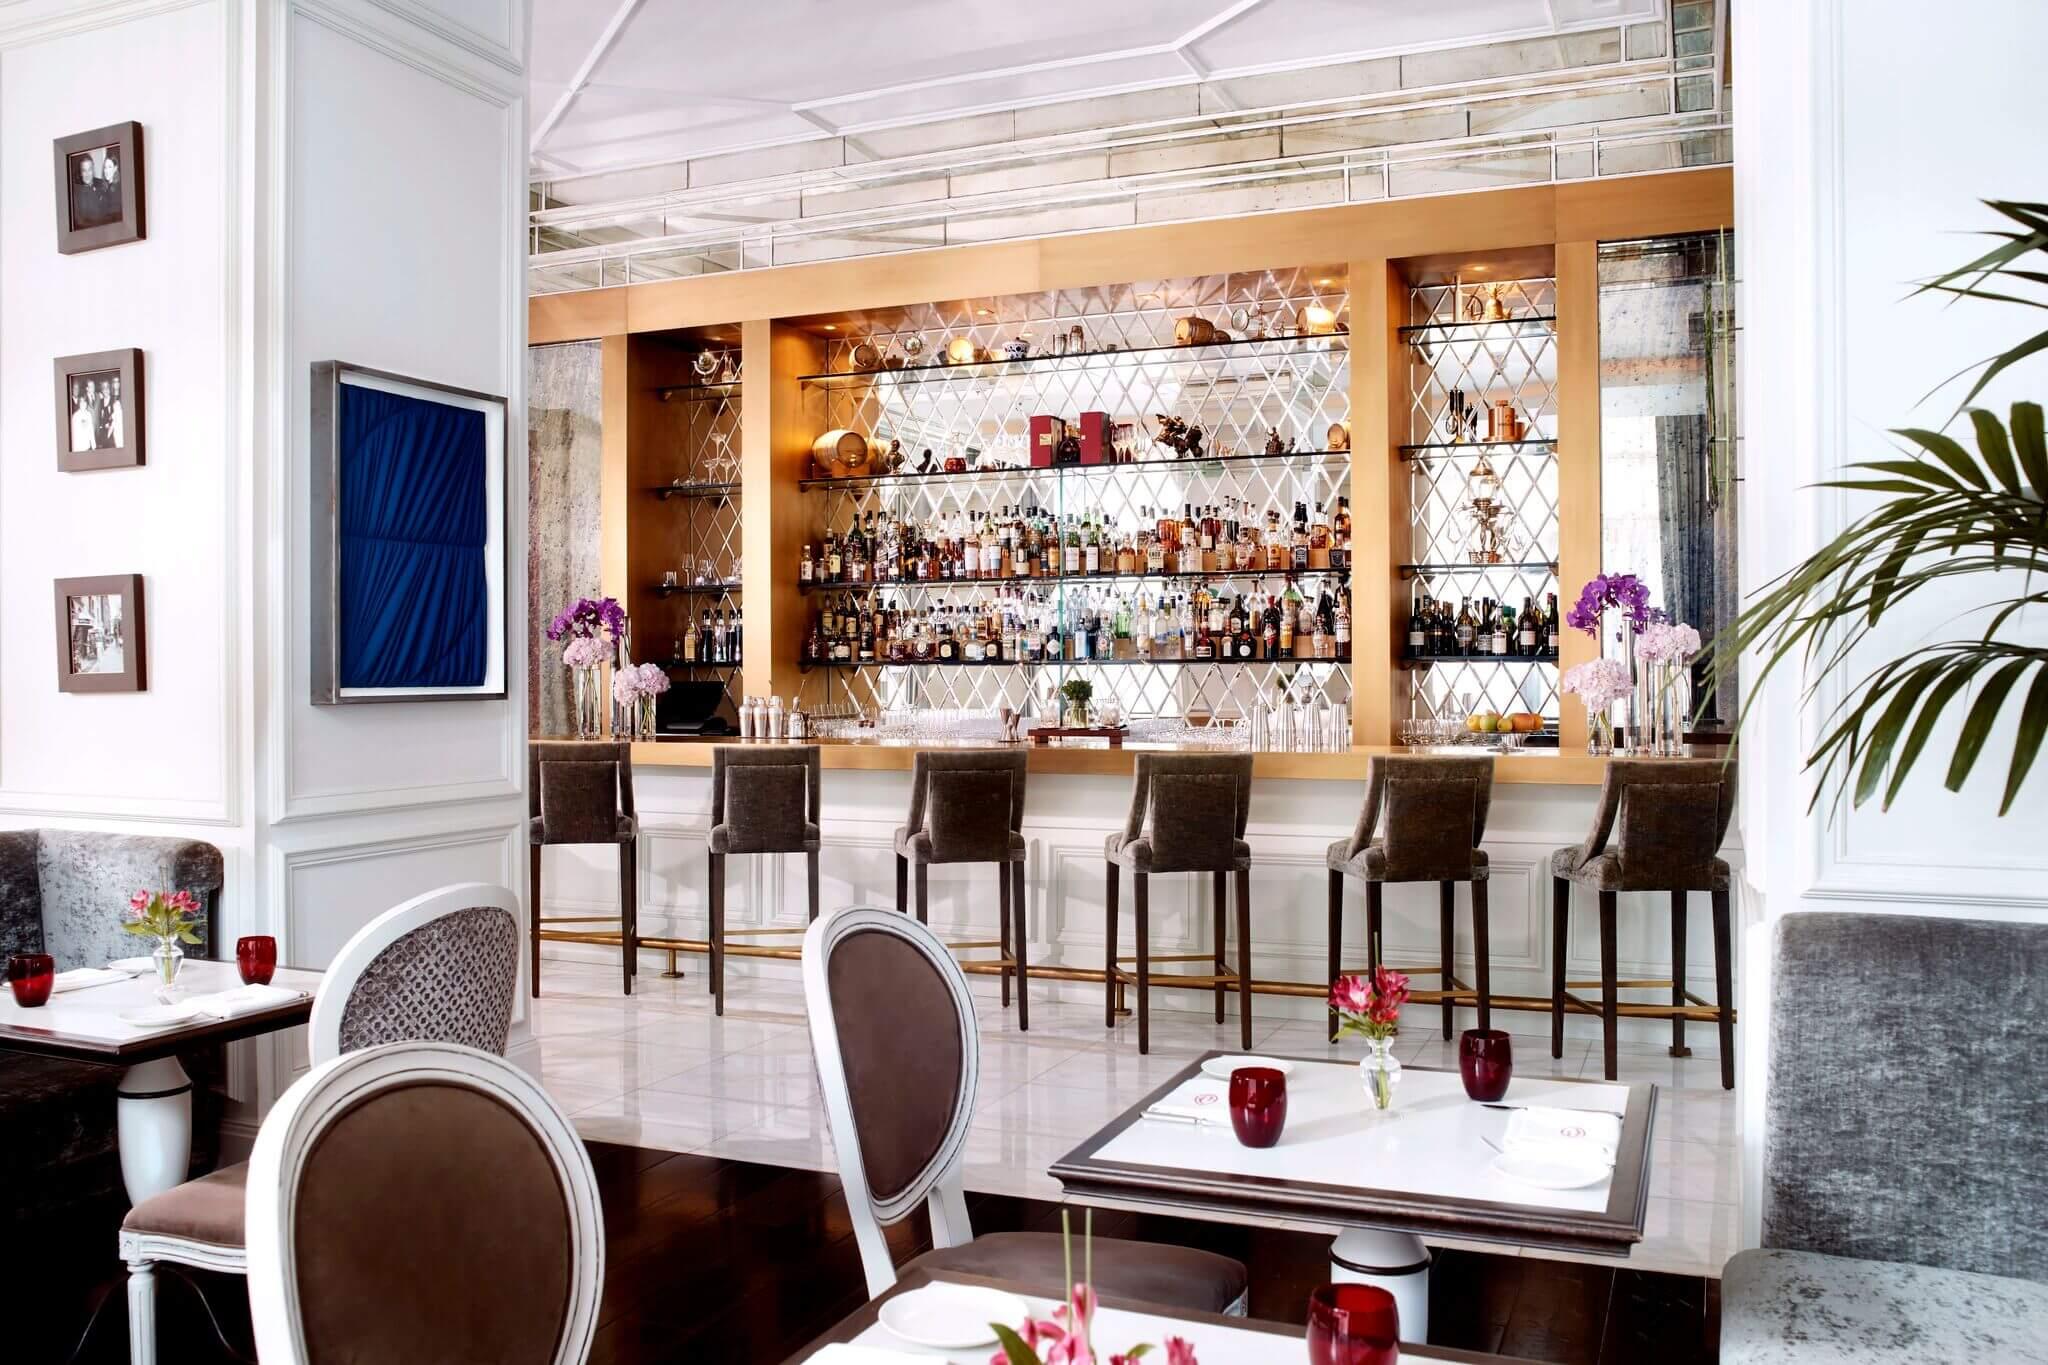 مطعم لو سيرك دبي يحتفل بعيد ميلاده الثاني